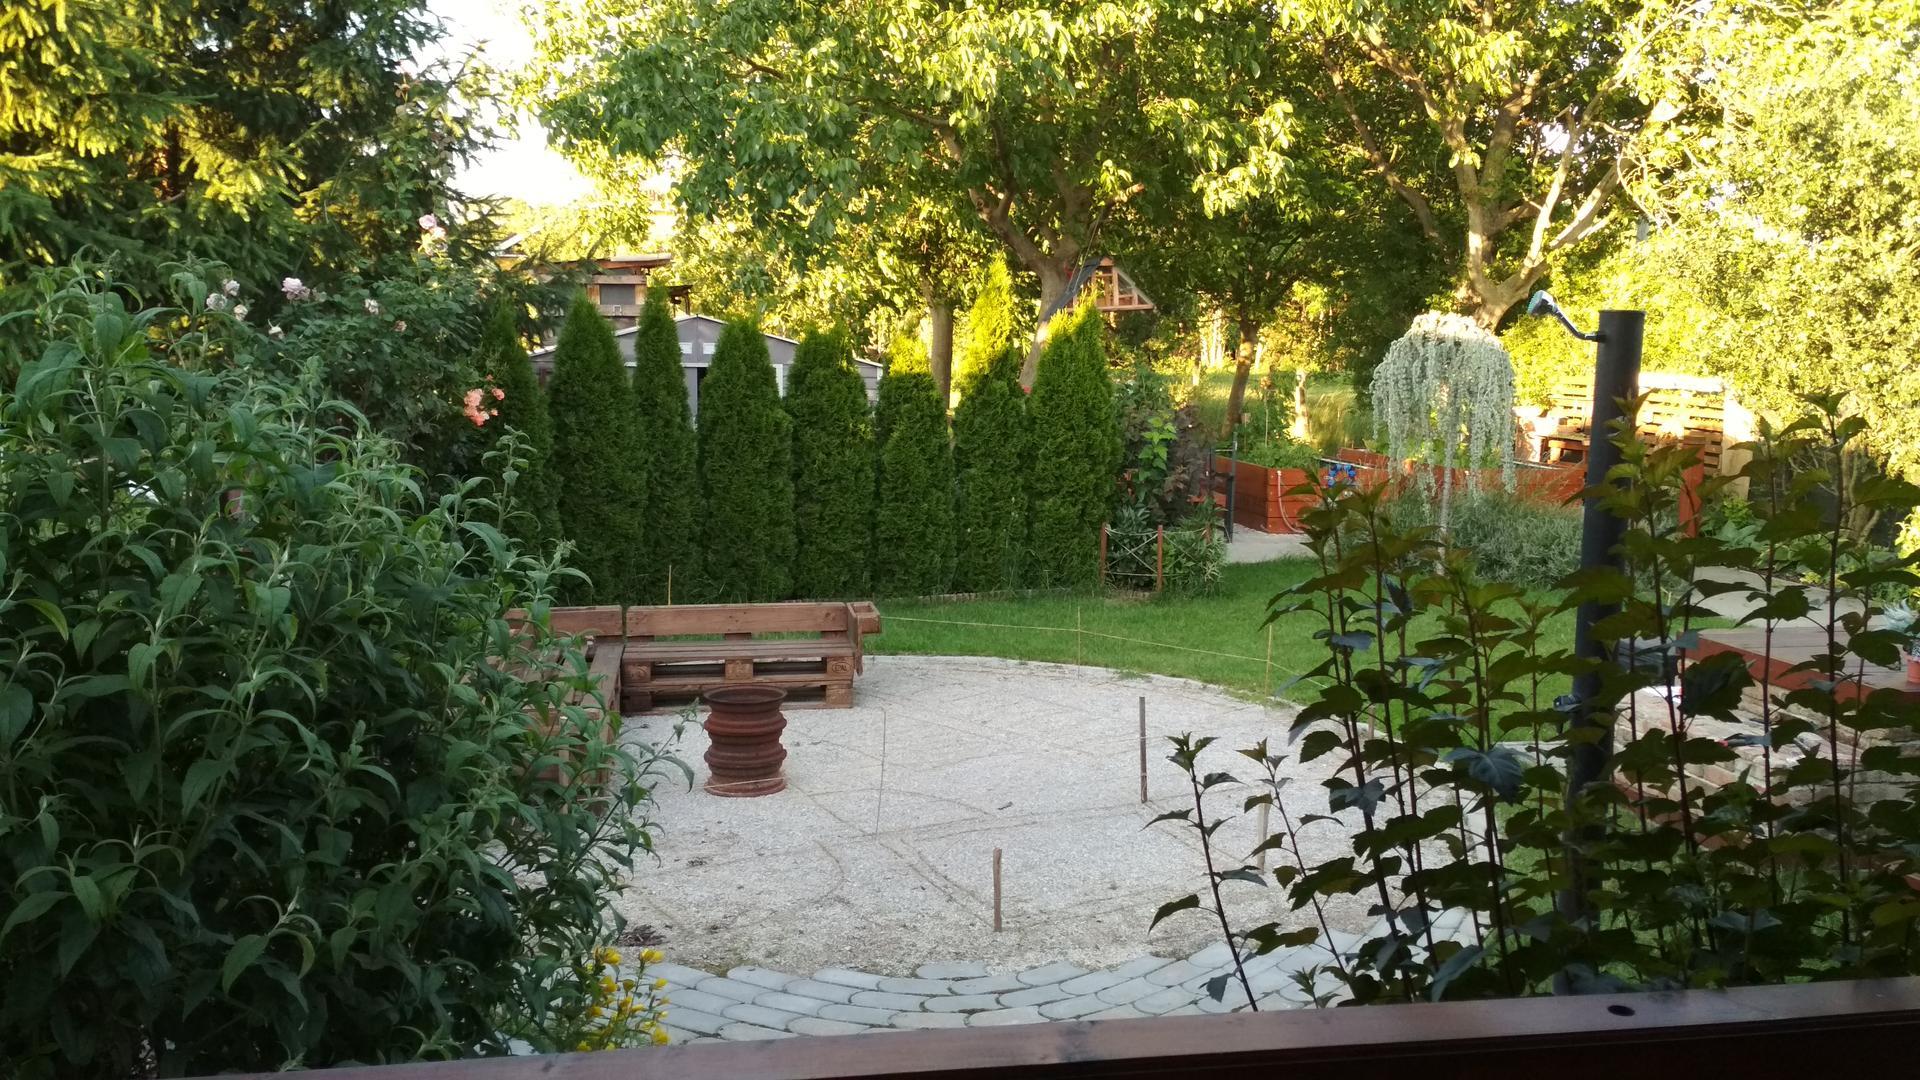 Relaxačný domček sauna a oddychová miestnosť ... plány, príprava a realizácia - Obrázok č. 3